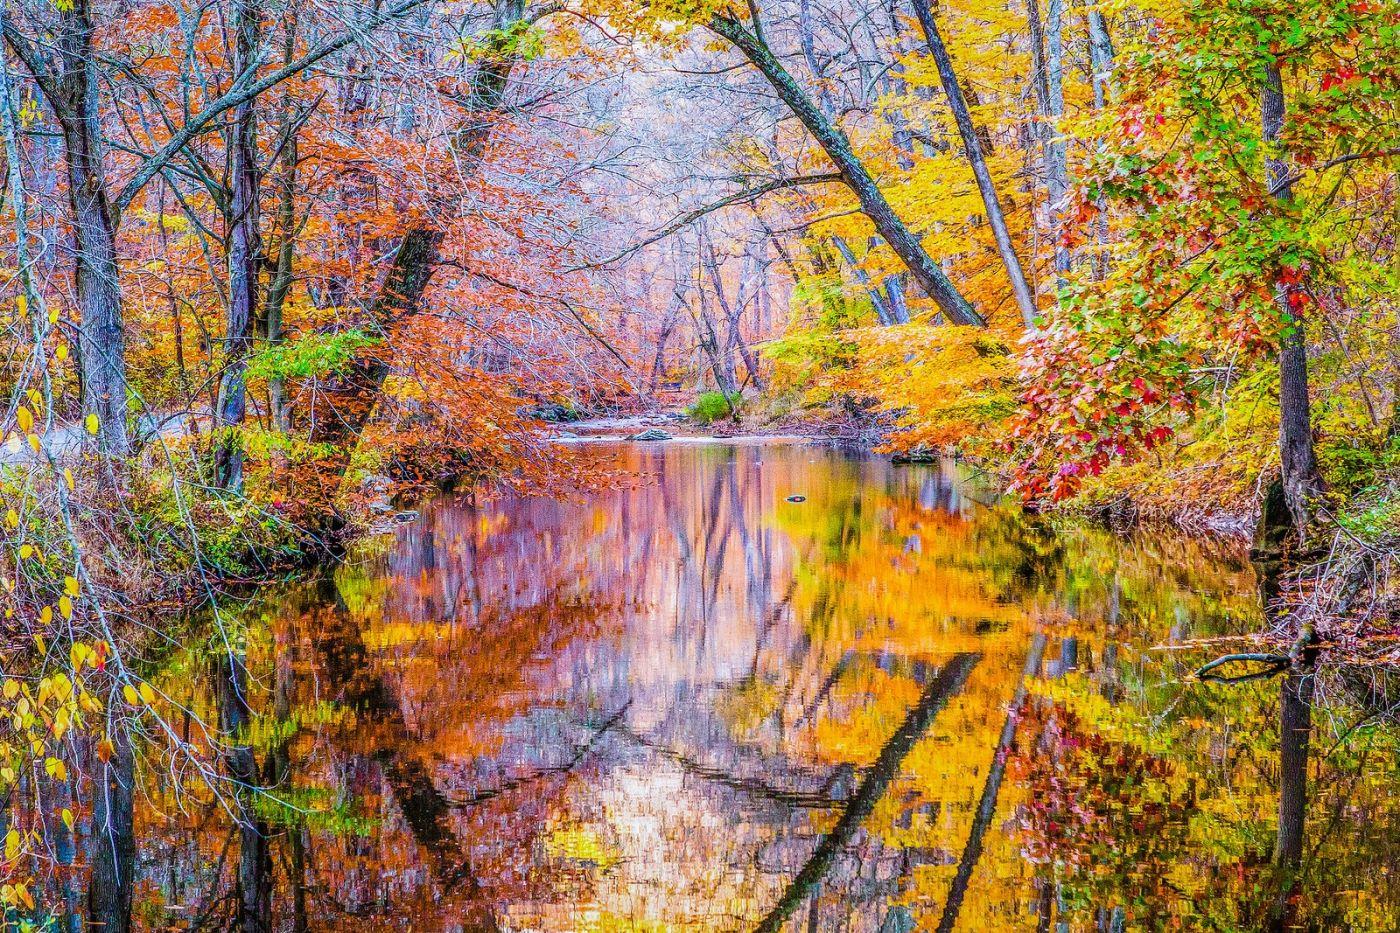 宾州雷德利克里克公园(Ridley creek park),如梦的画面_图1-20